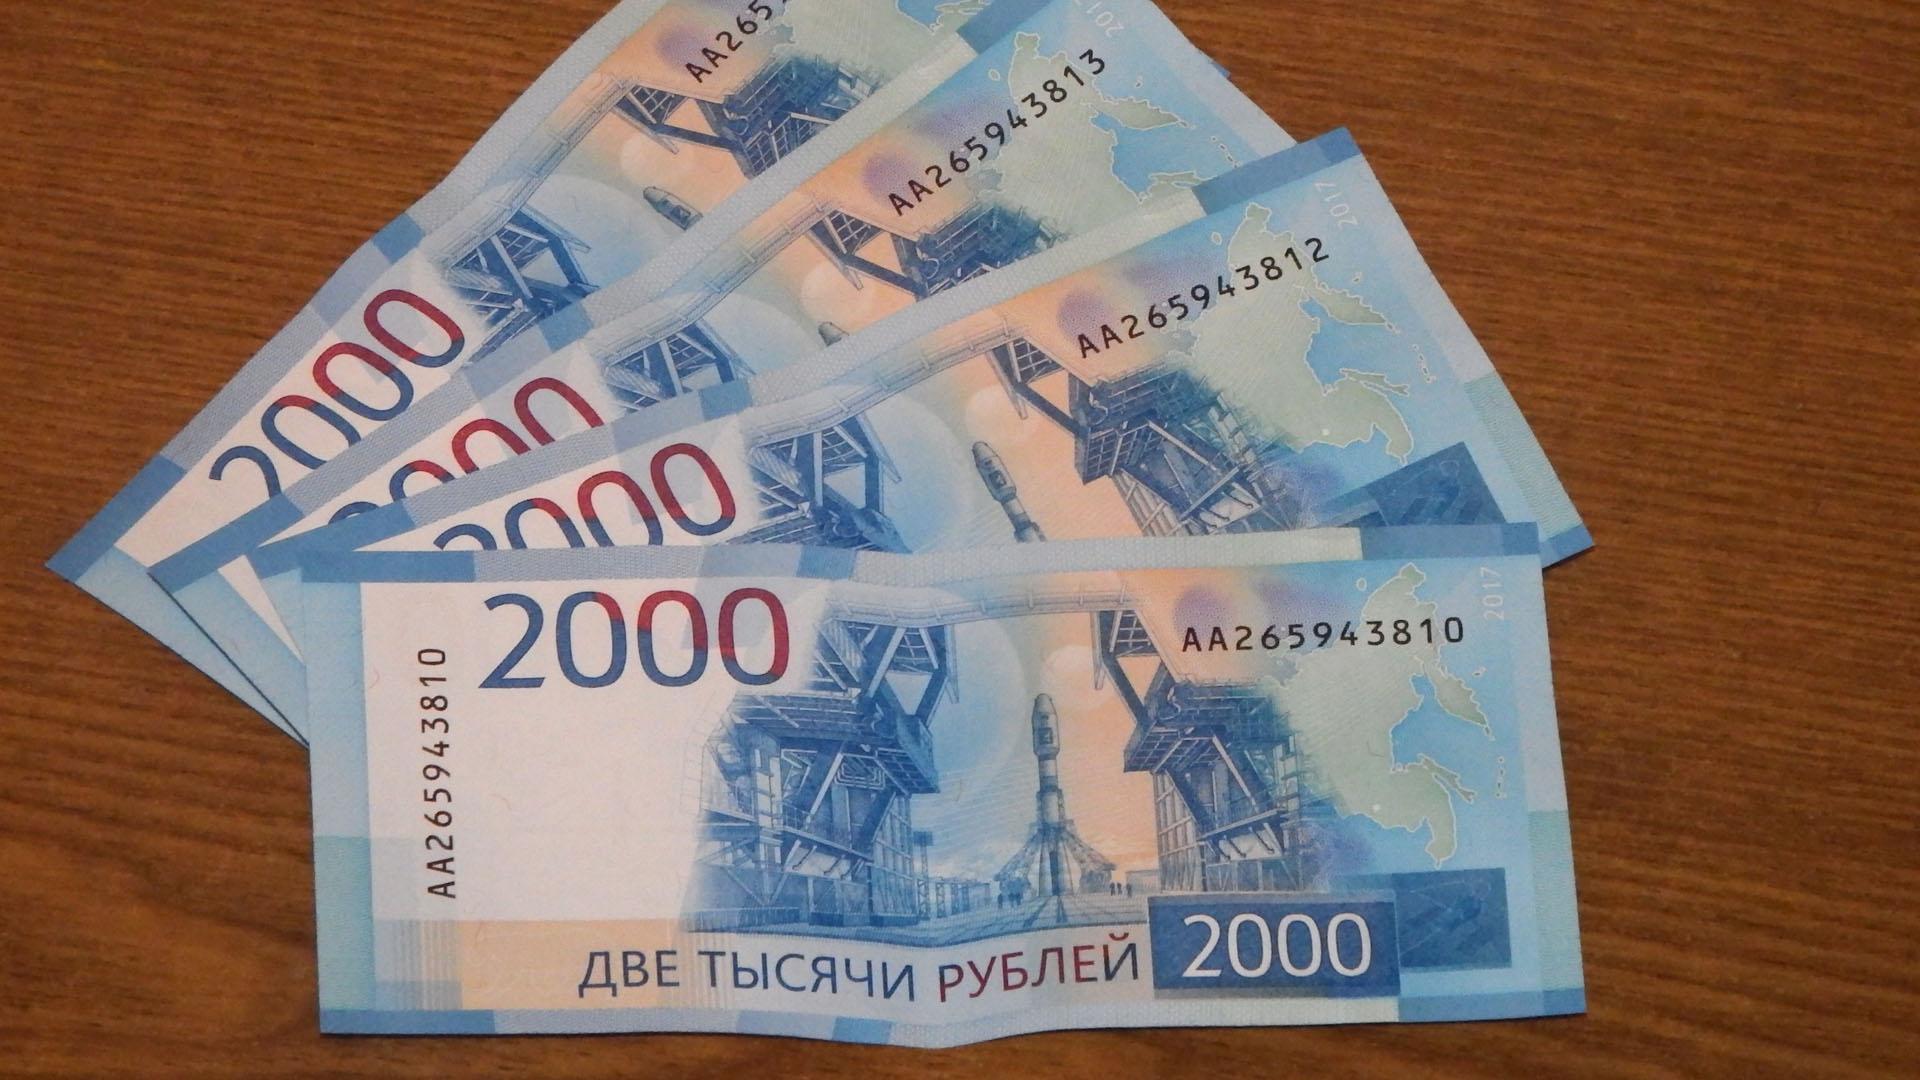 2000 рублей (2017) (2)